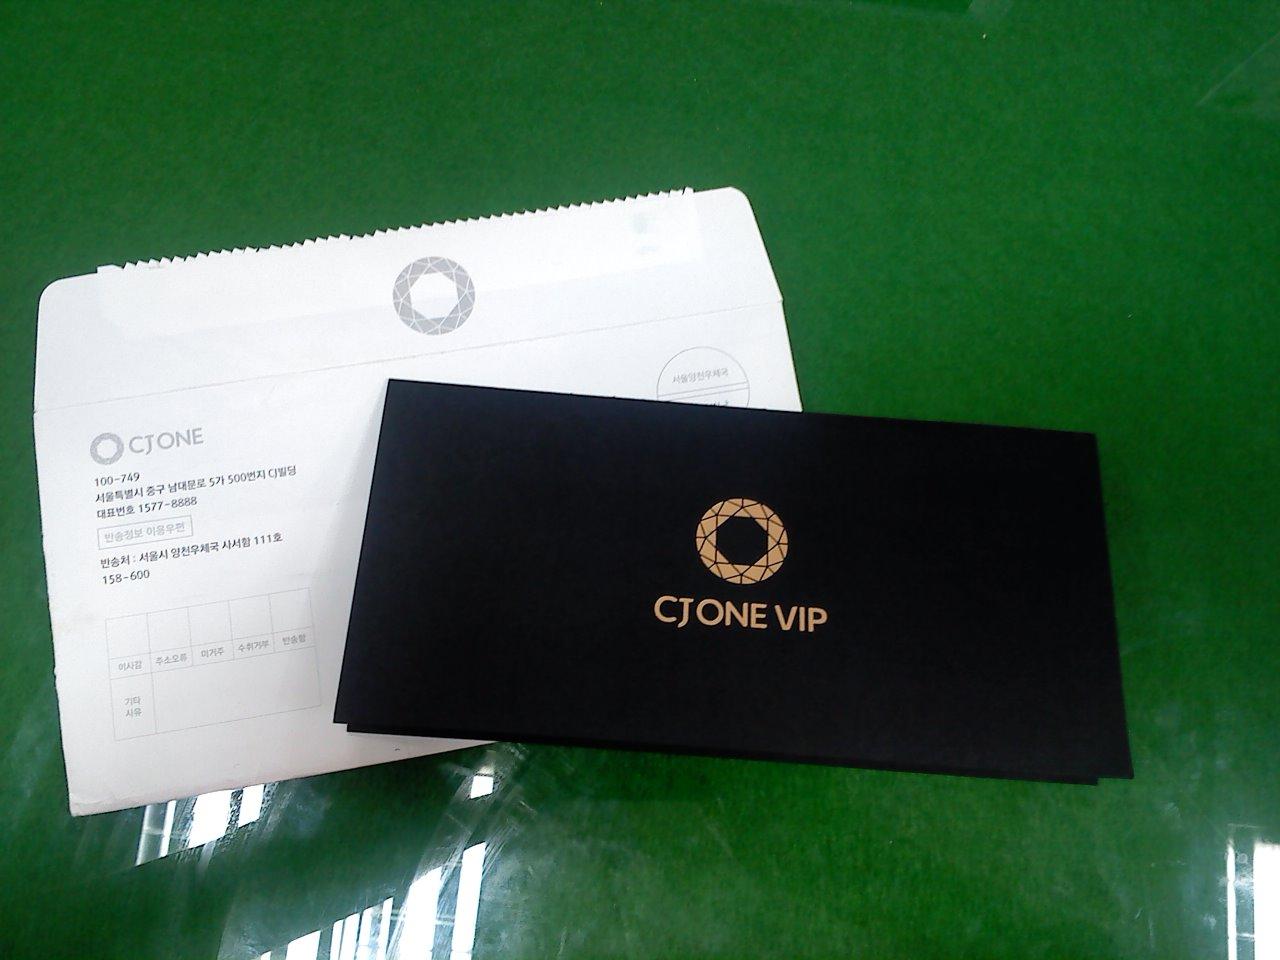 CJONE VIP카드 도착! 황금동그라미 카드의 실물은?!